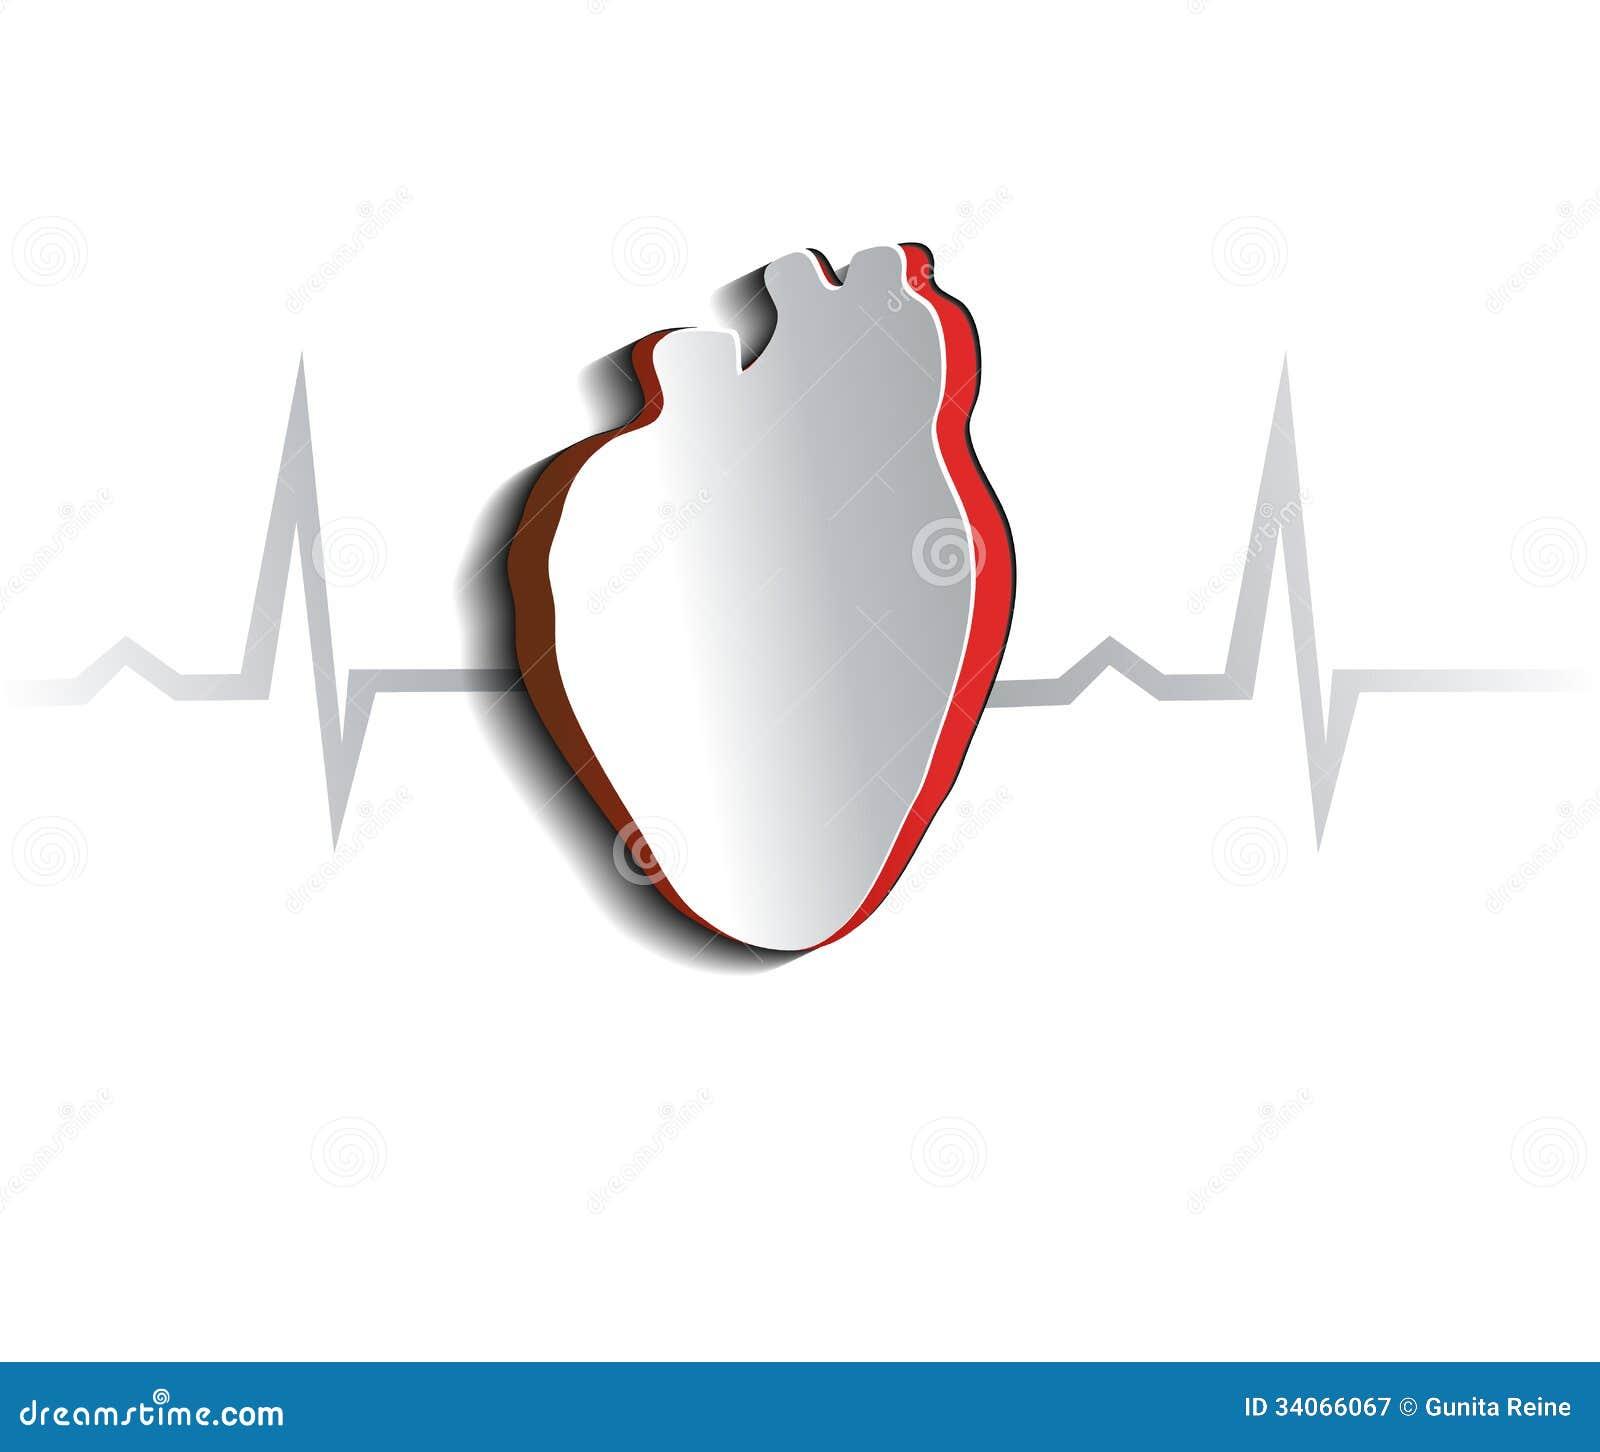 Printable Human Heart